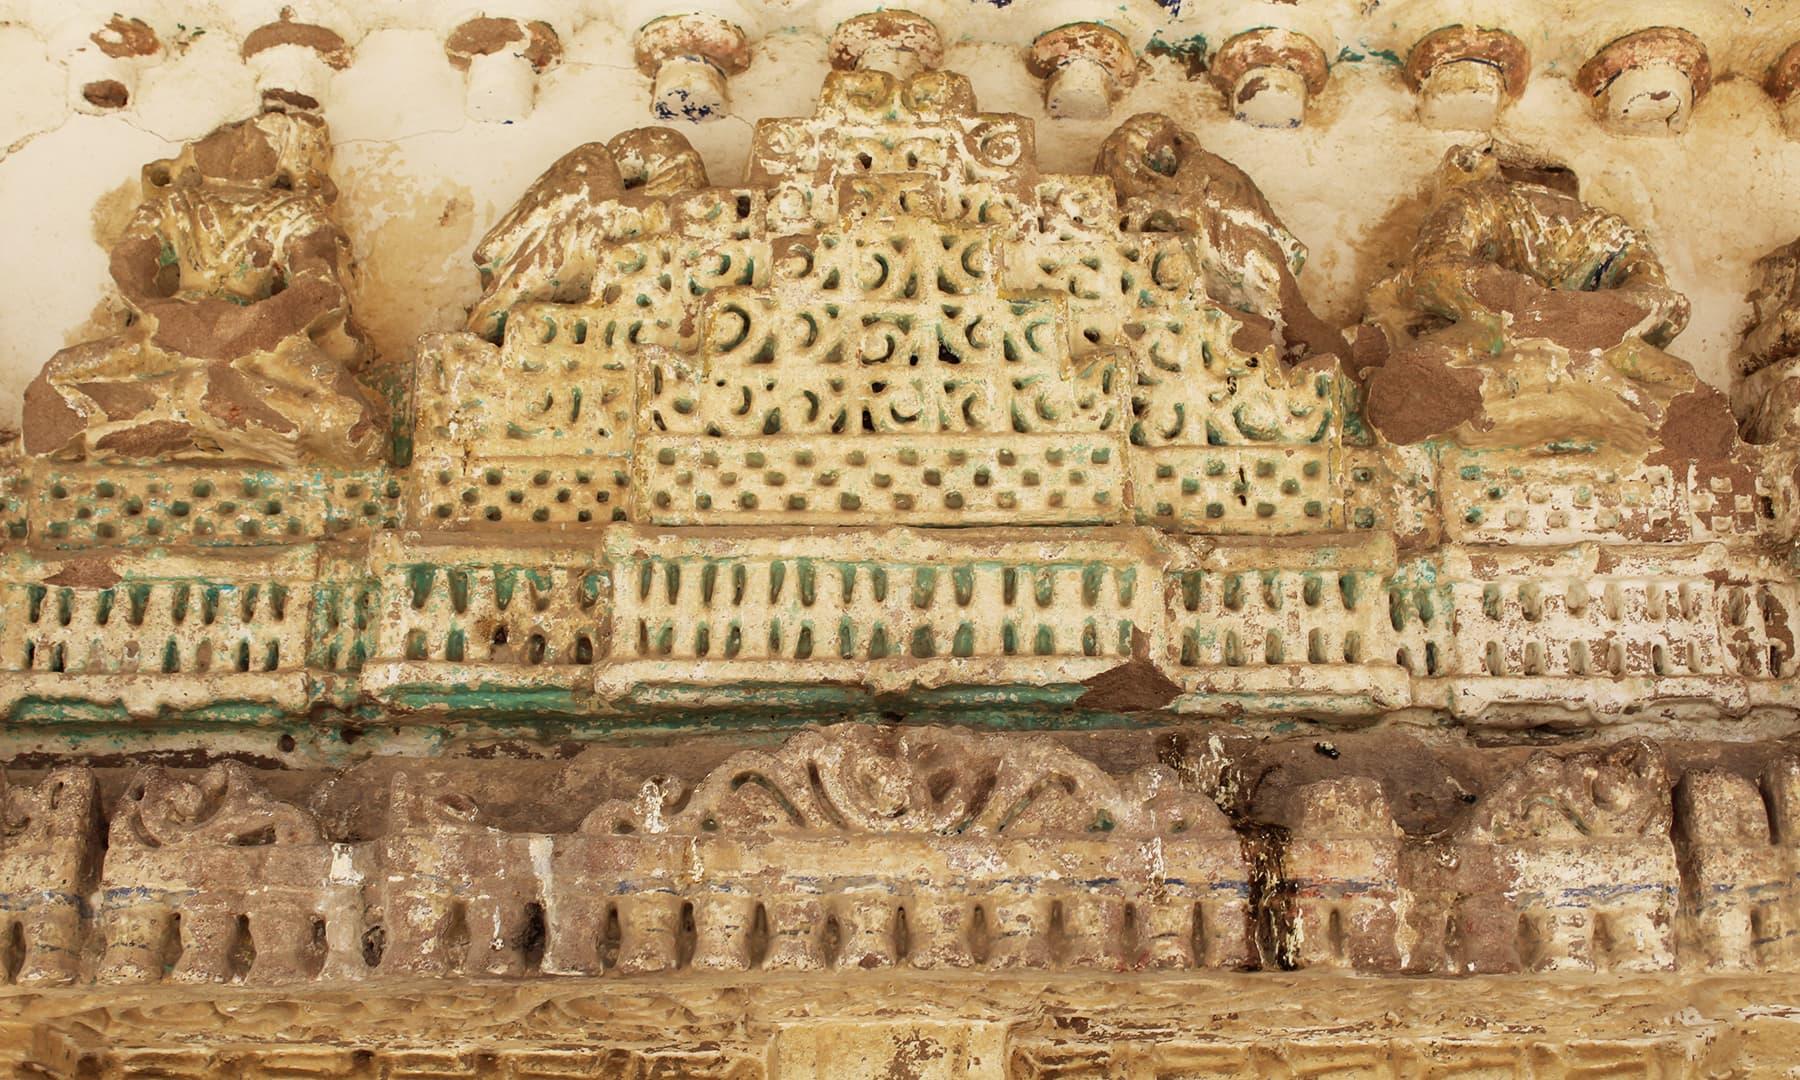 صحرائے تھر میں واقع ایک جین مندر کا اندرونی منظر—تصویر اختر حفیظ